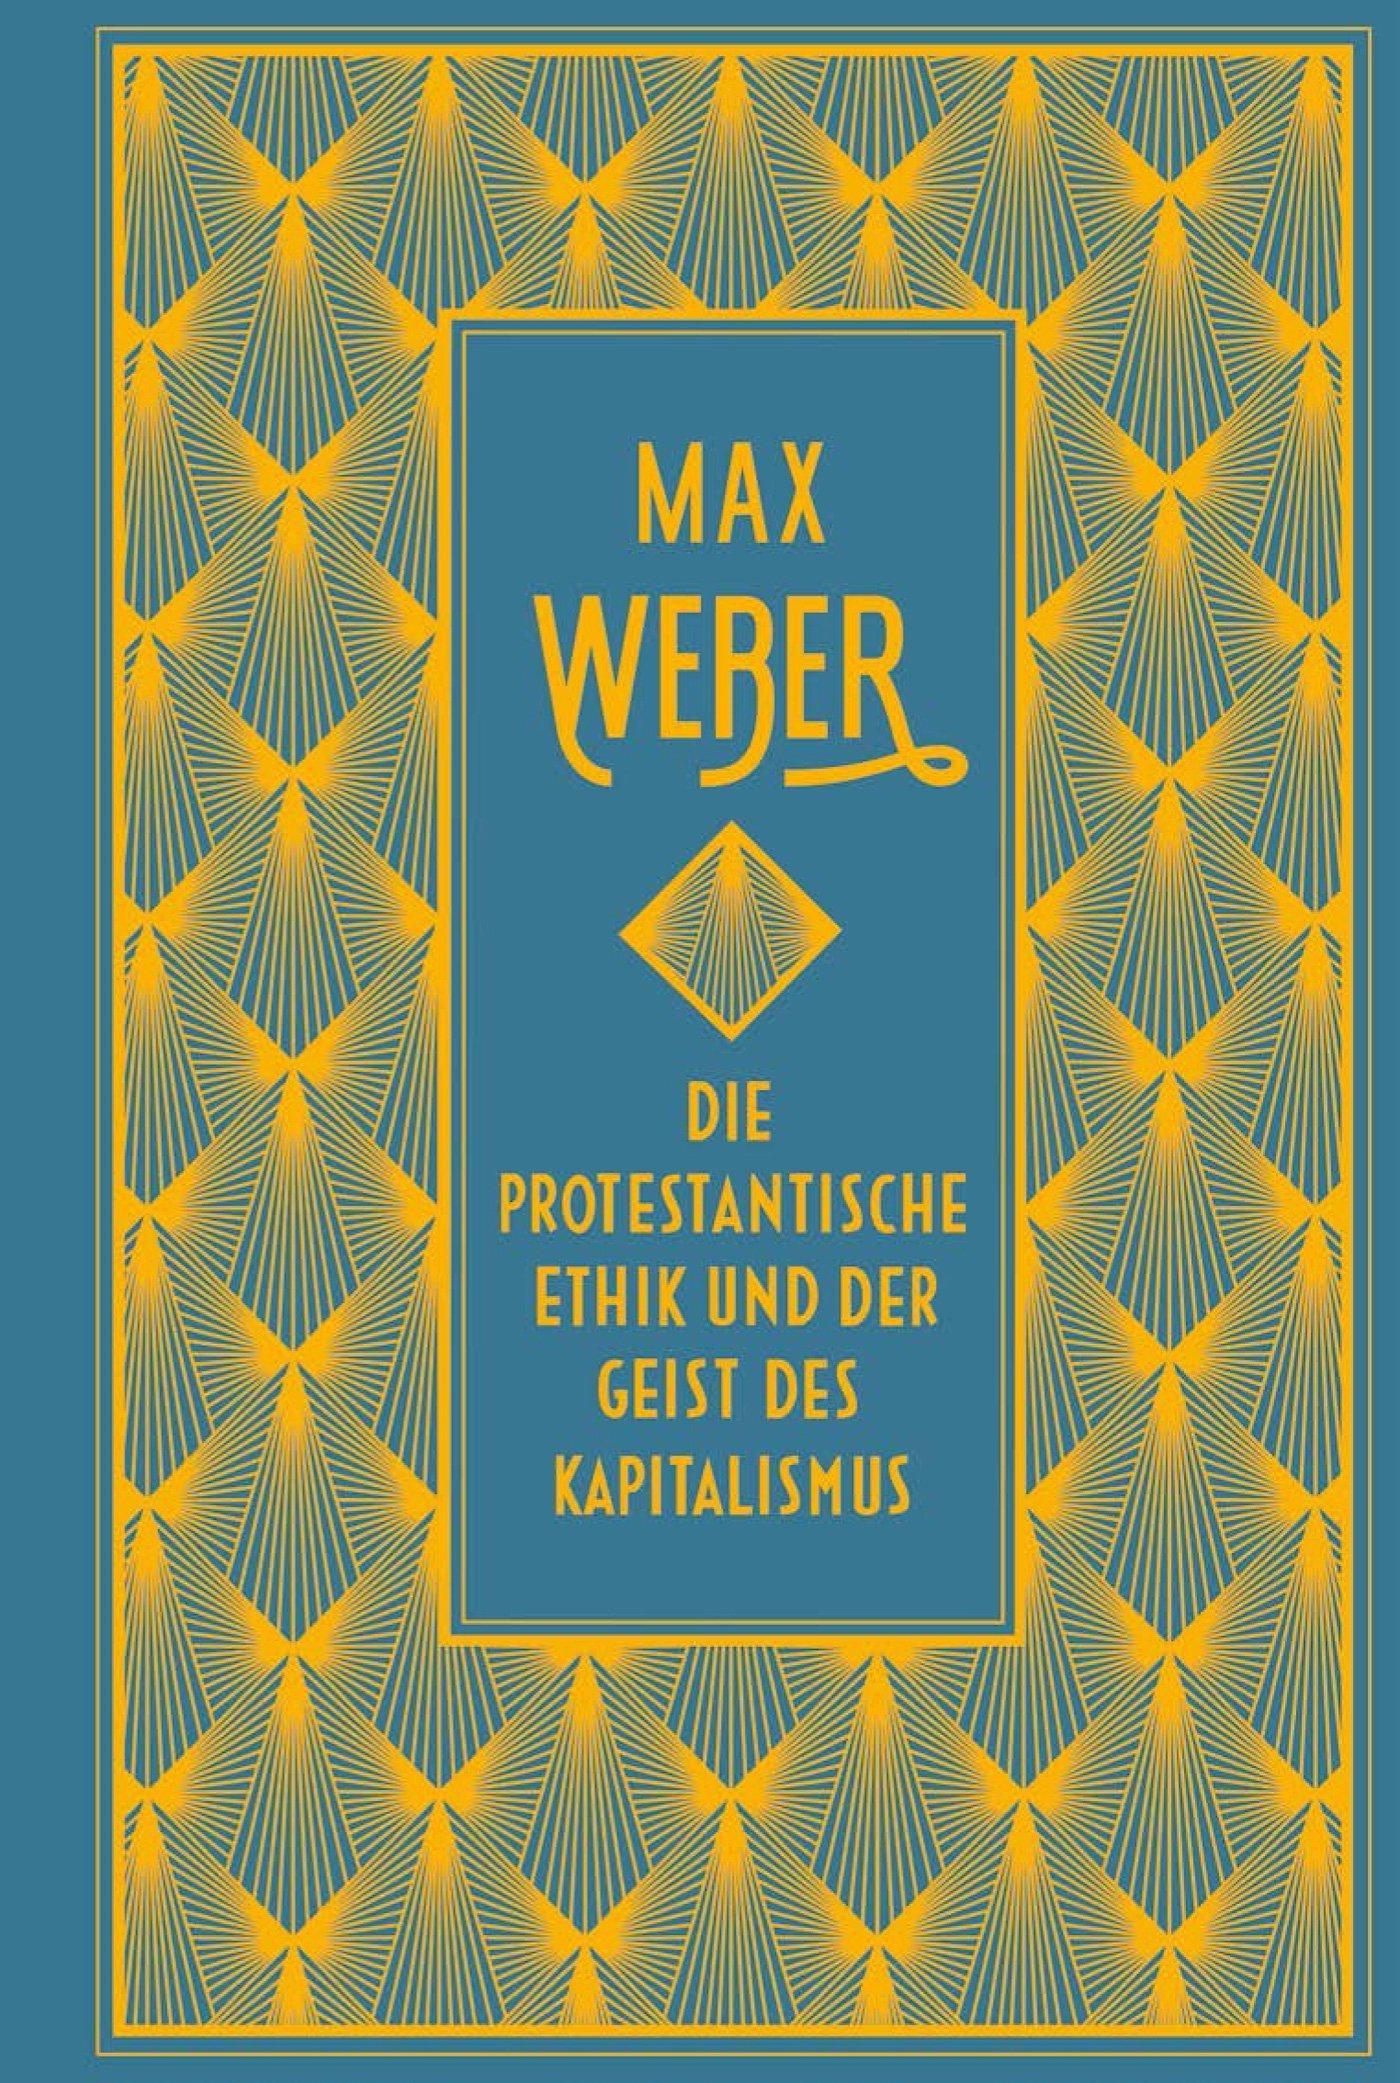 Die protestantische Ethik und der Geist des Kapitalismus: vollständige Ausgabe: Leinen mit Goldprägung